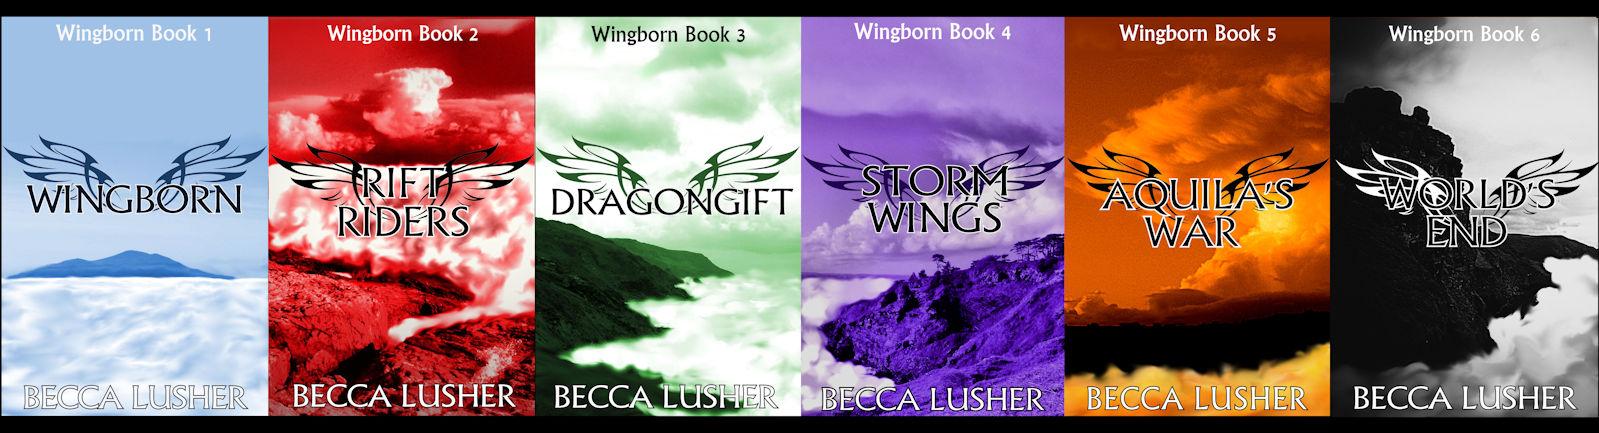 Wingborn 1-6 V2 small.jpg